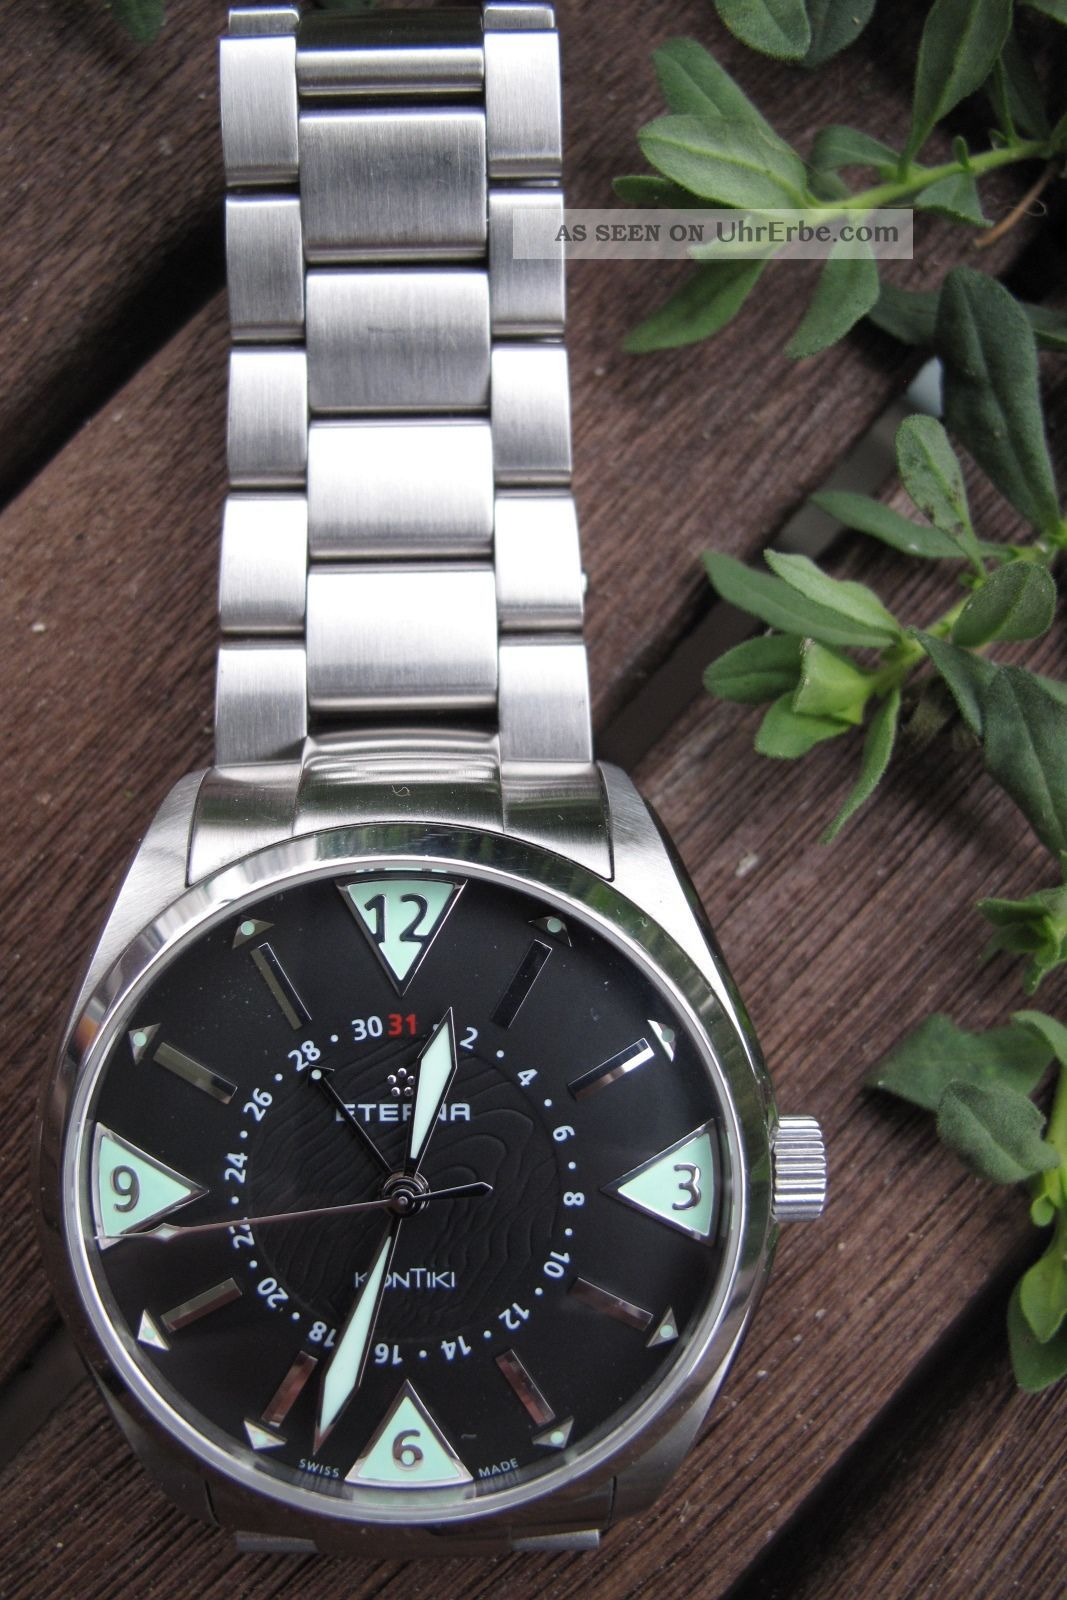 Eterna Kontiki Four Hands Xxl - Die 44mm - Version - Top - Armbanduhren Bild